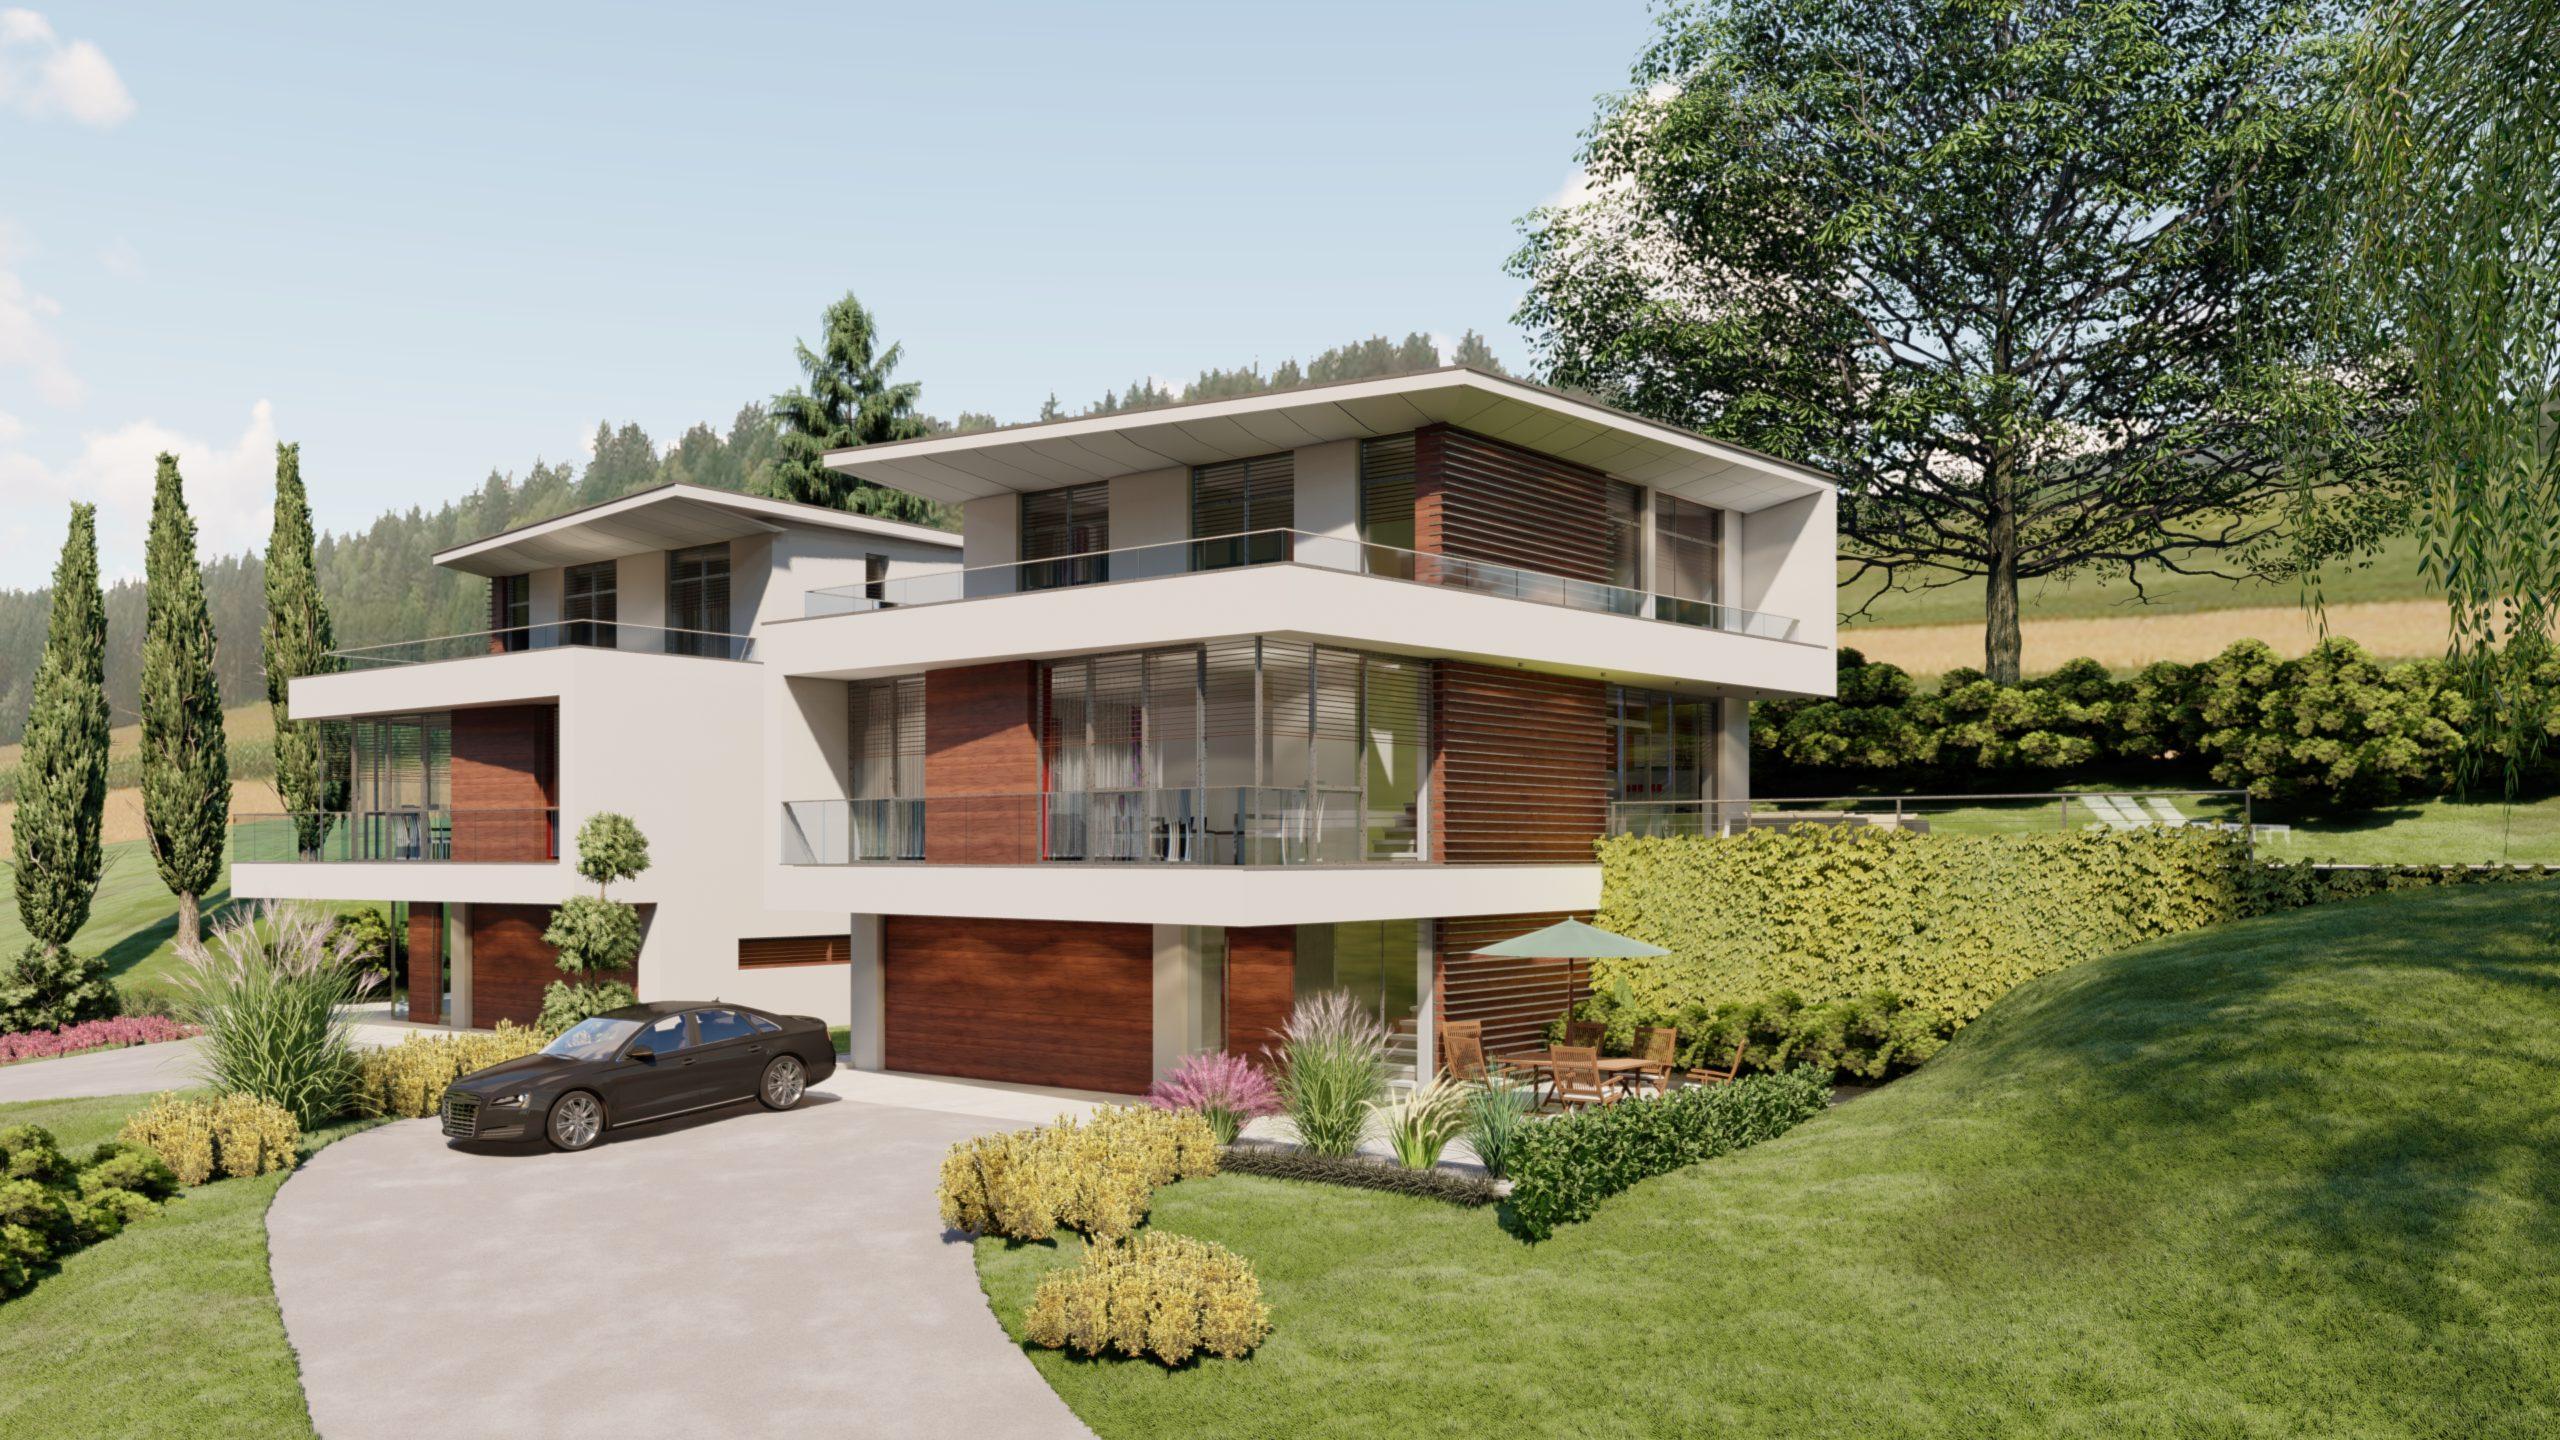 Doppelhaus Petersdorf Vorderansicht und Zufahrt mit Garageneinfahrt